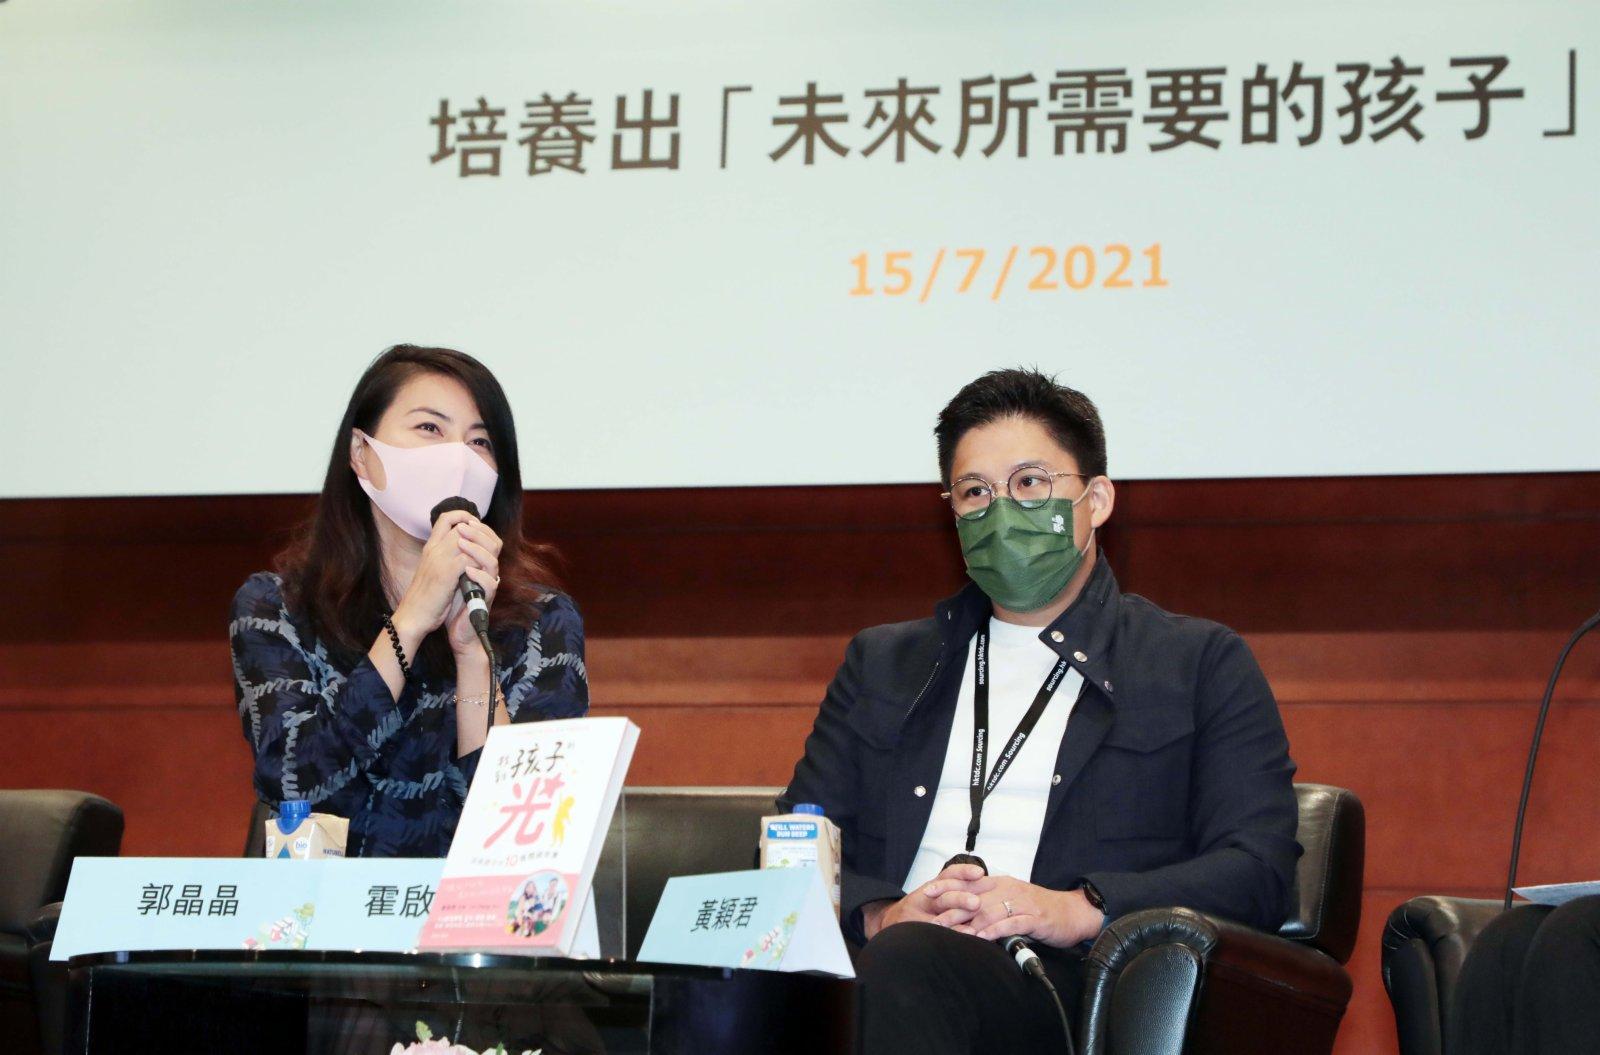 7月15日,郭晶晶(左)、霍啟剛出席香港書展,分享培養出「未來所需要的孩子」。(中新社)